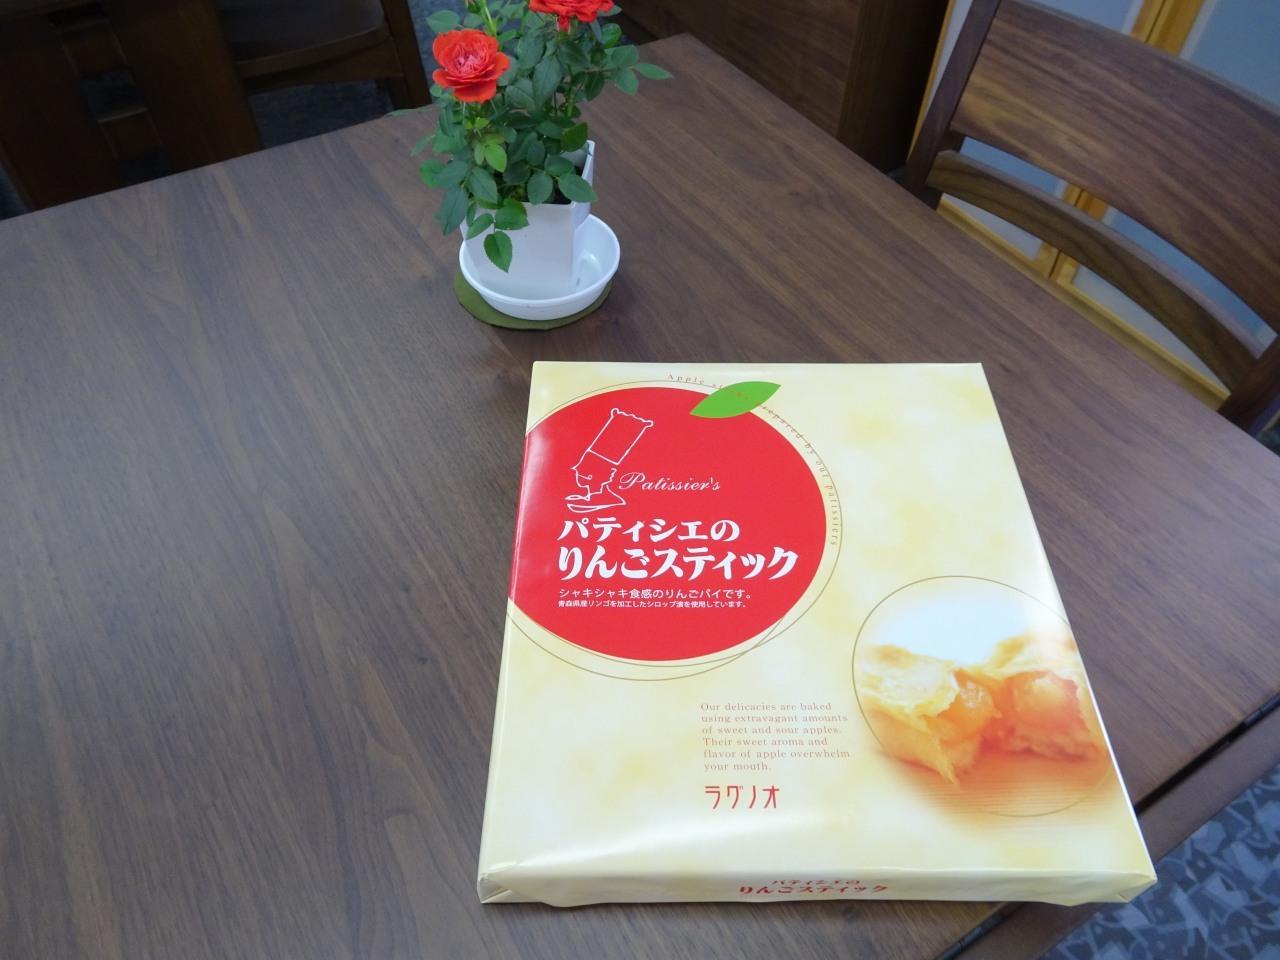 こだわり桐箪笥の社長ブログ パティシエのりんごスティックをいただきました。